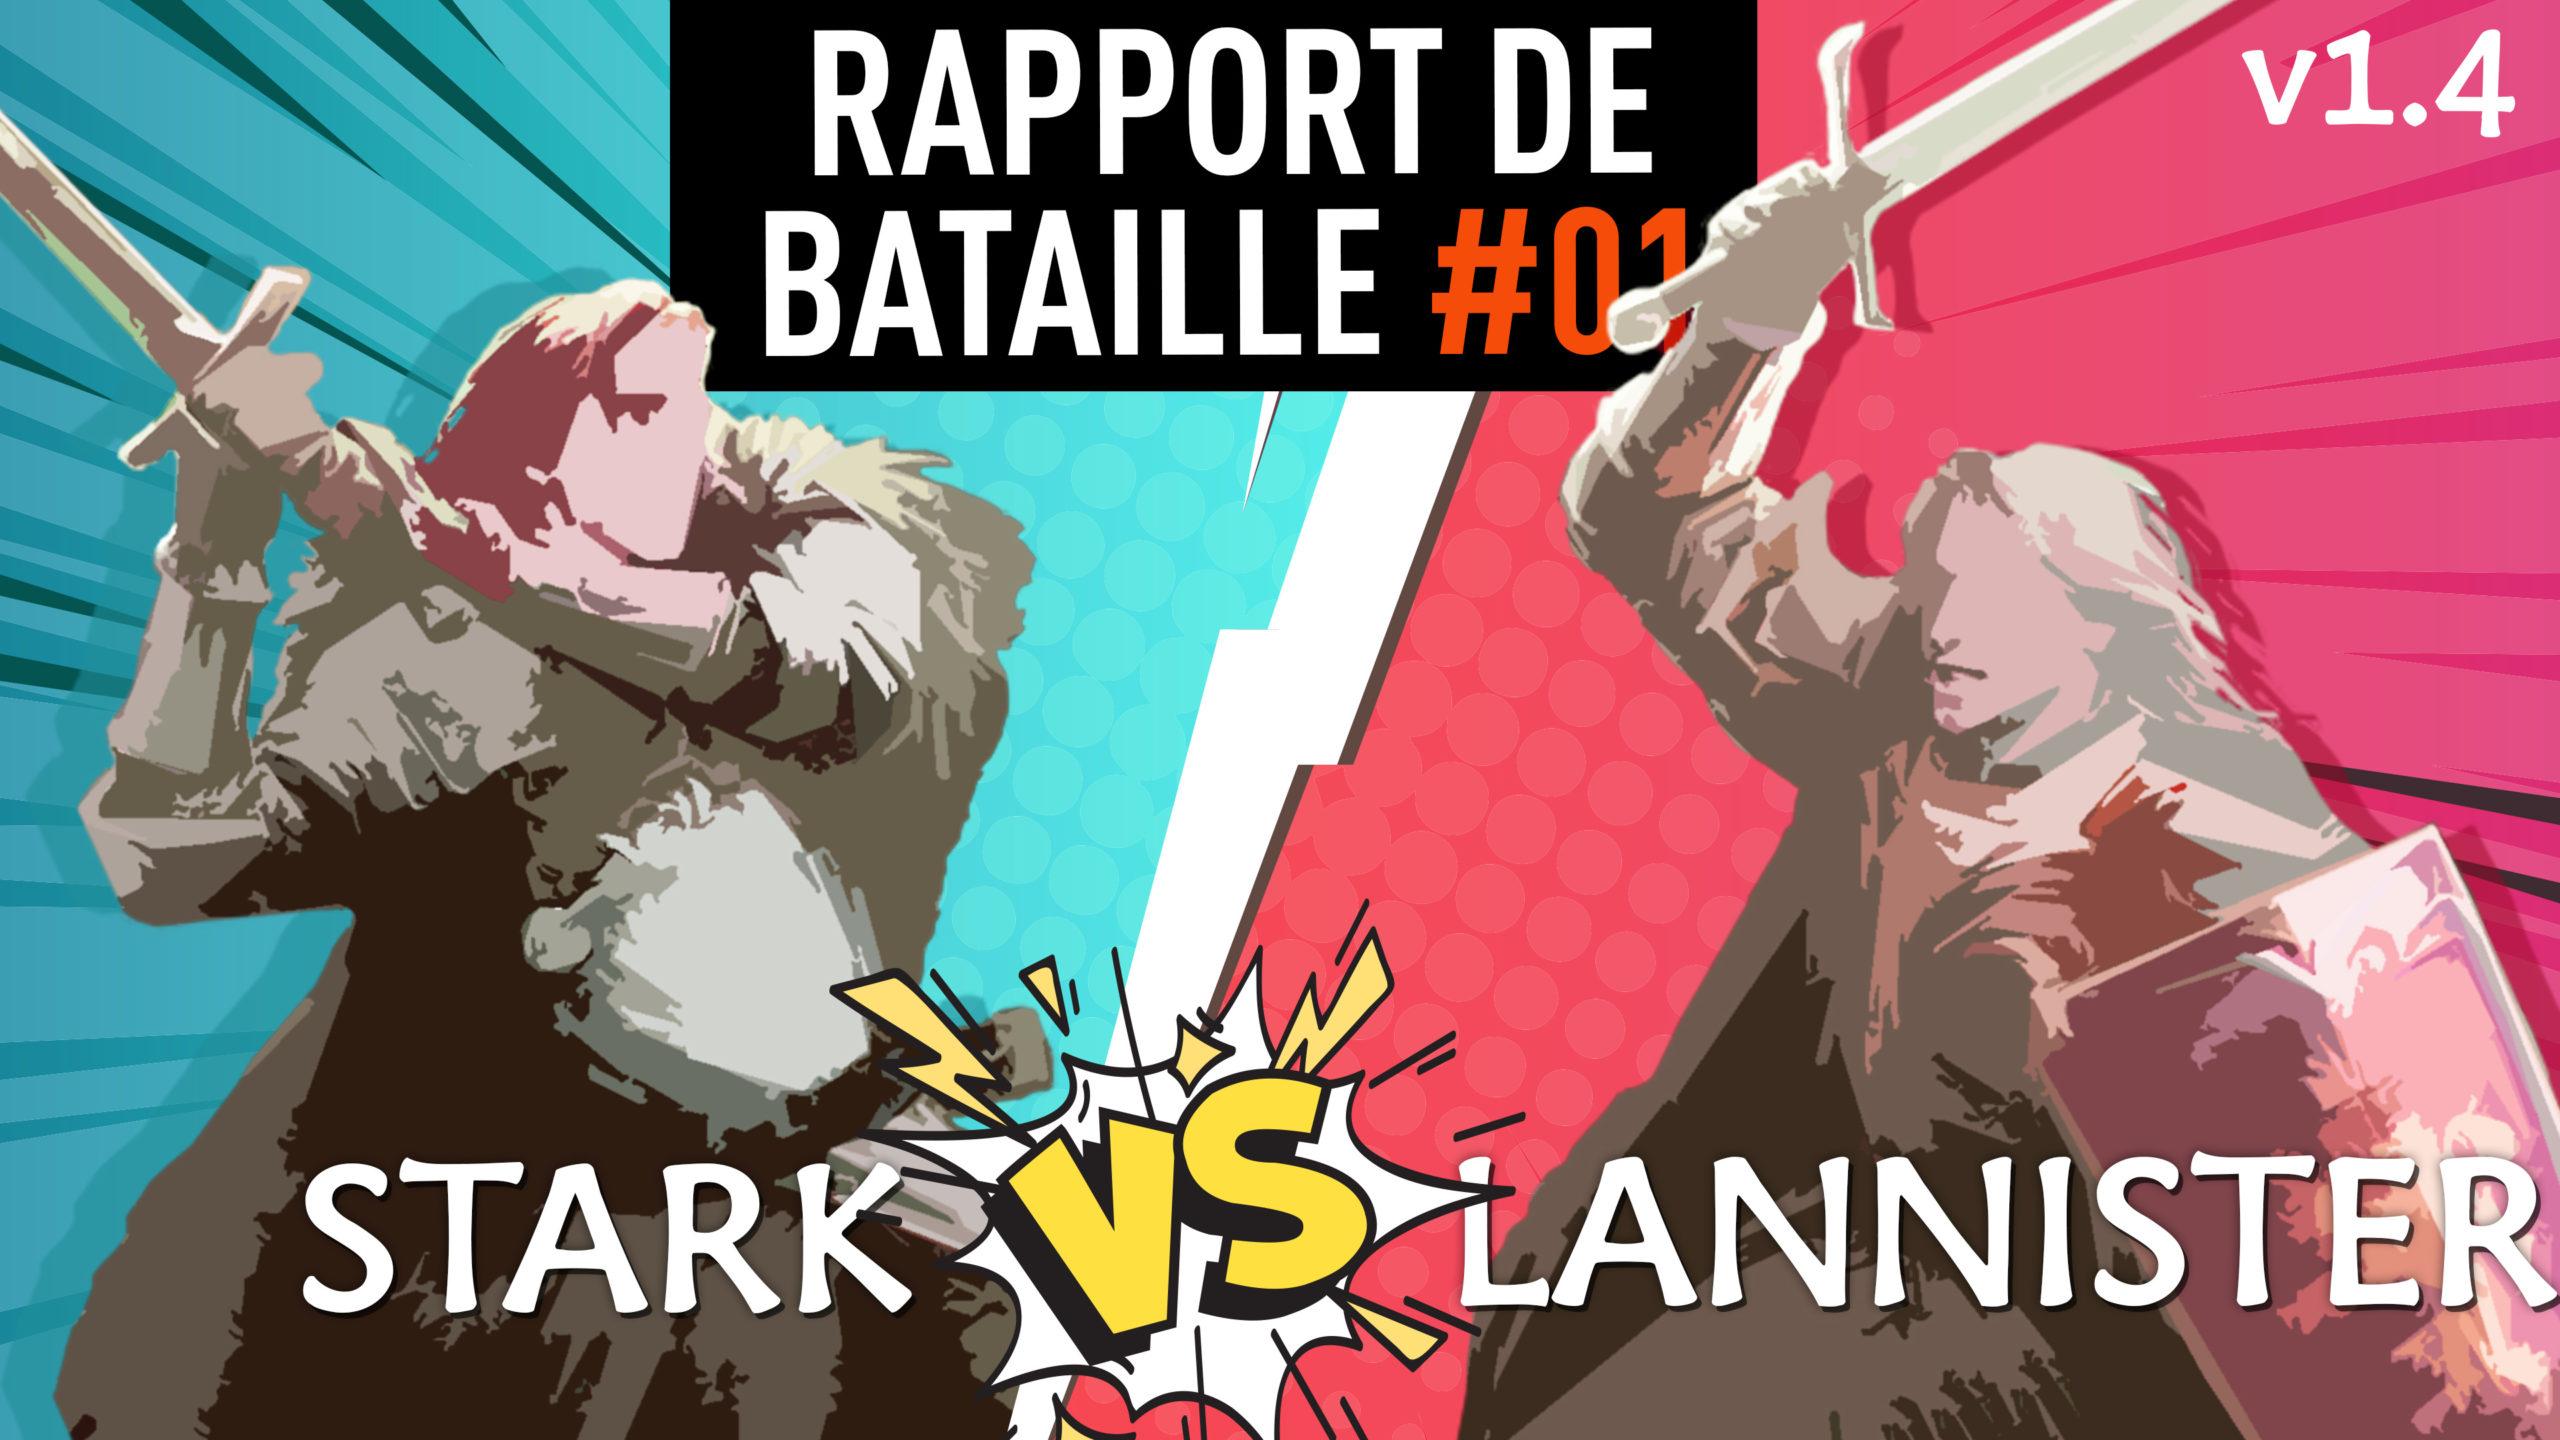 Notre premier rapport de bataille (vidéo)